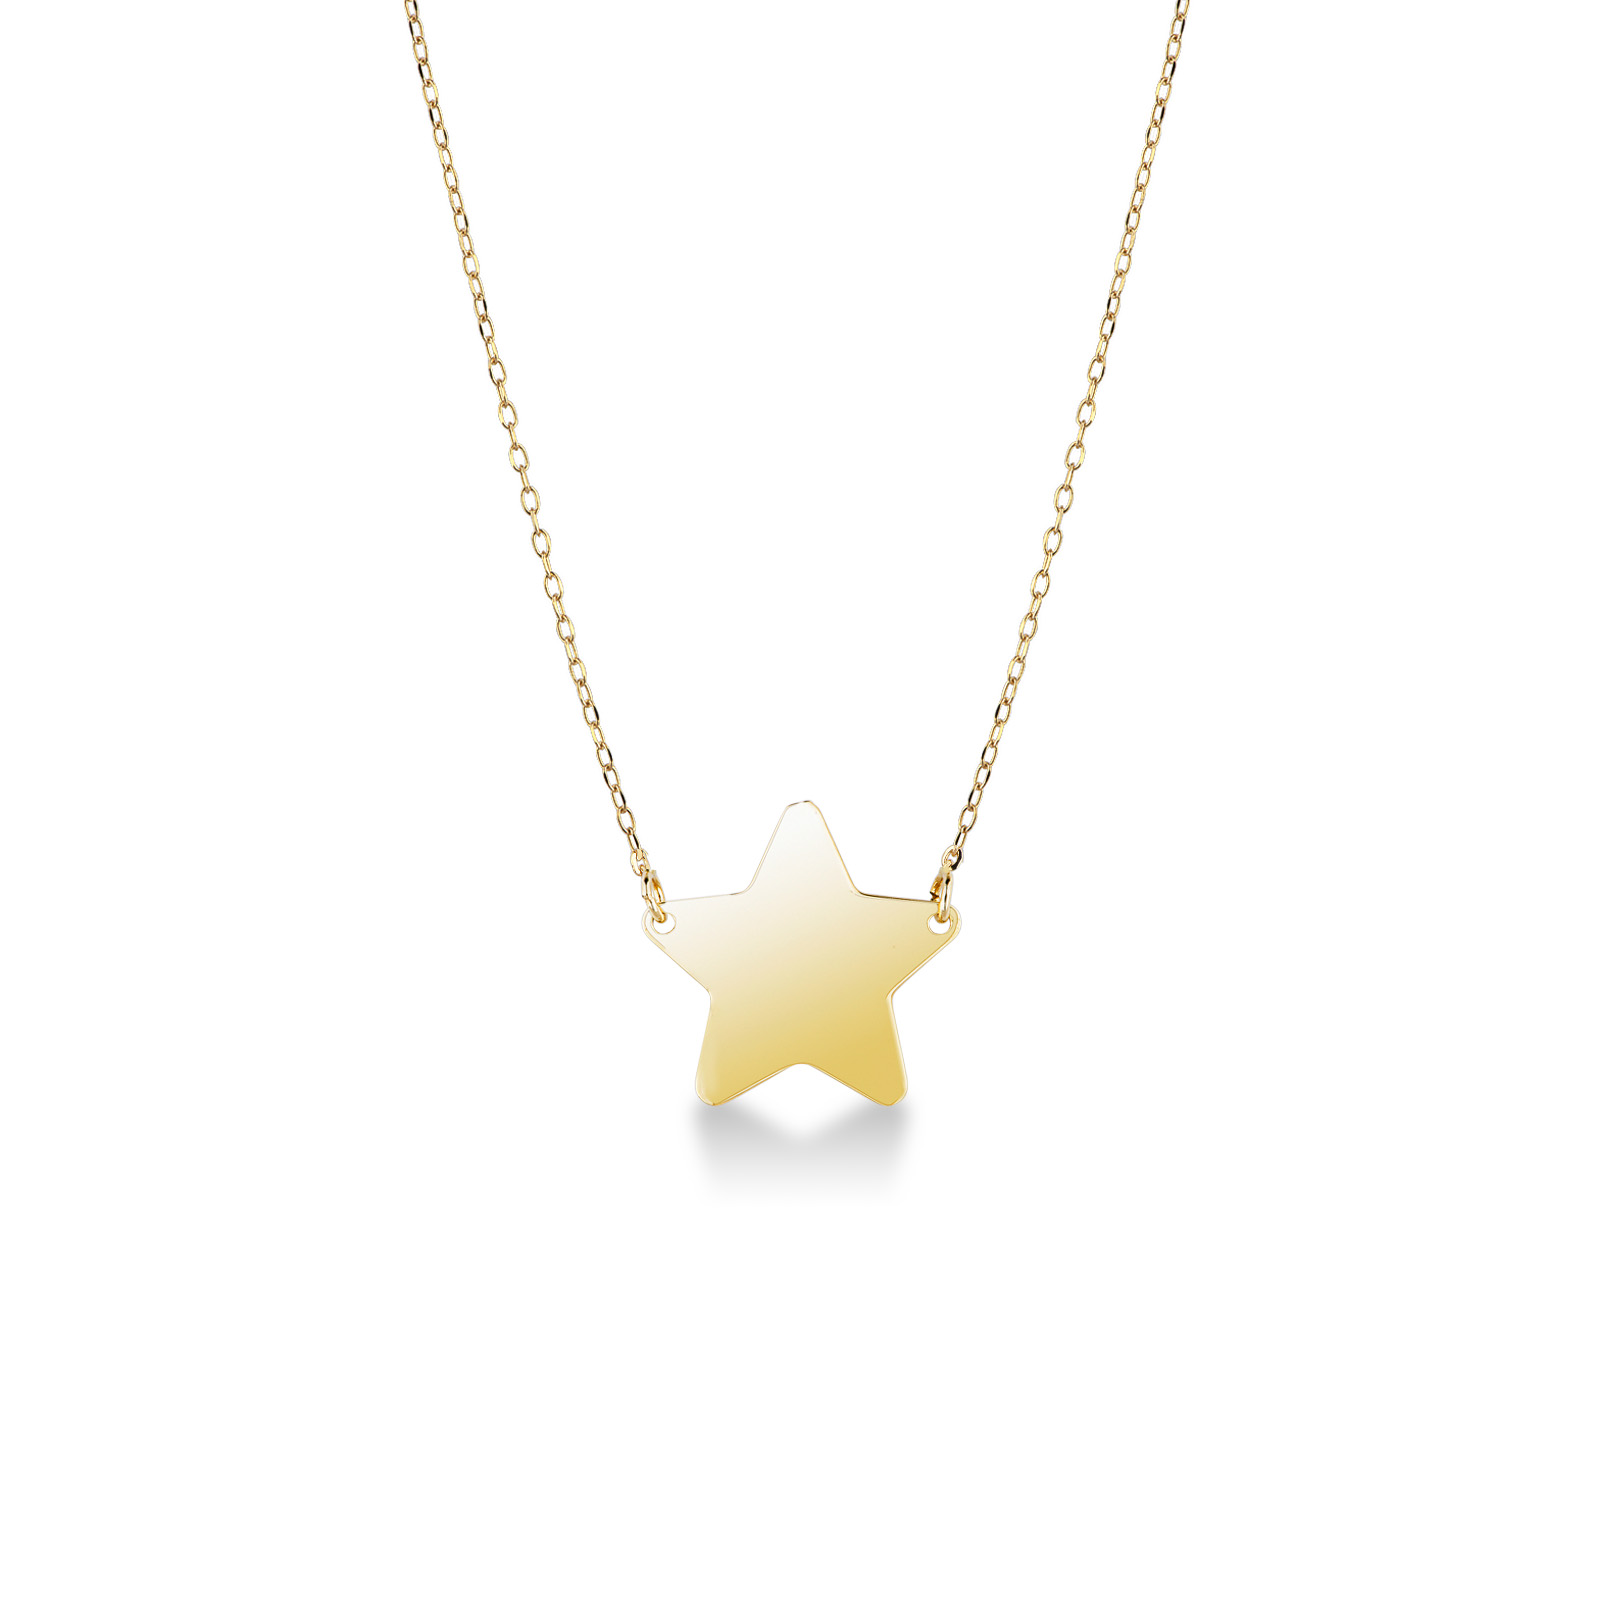 Collana con pendente Stella in oro giallo 18kt.